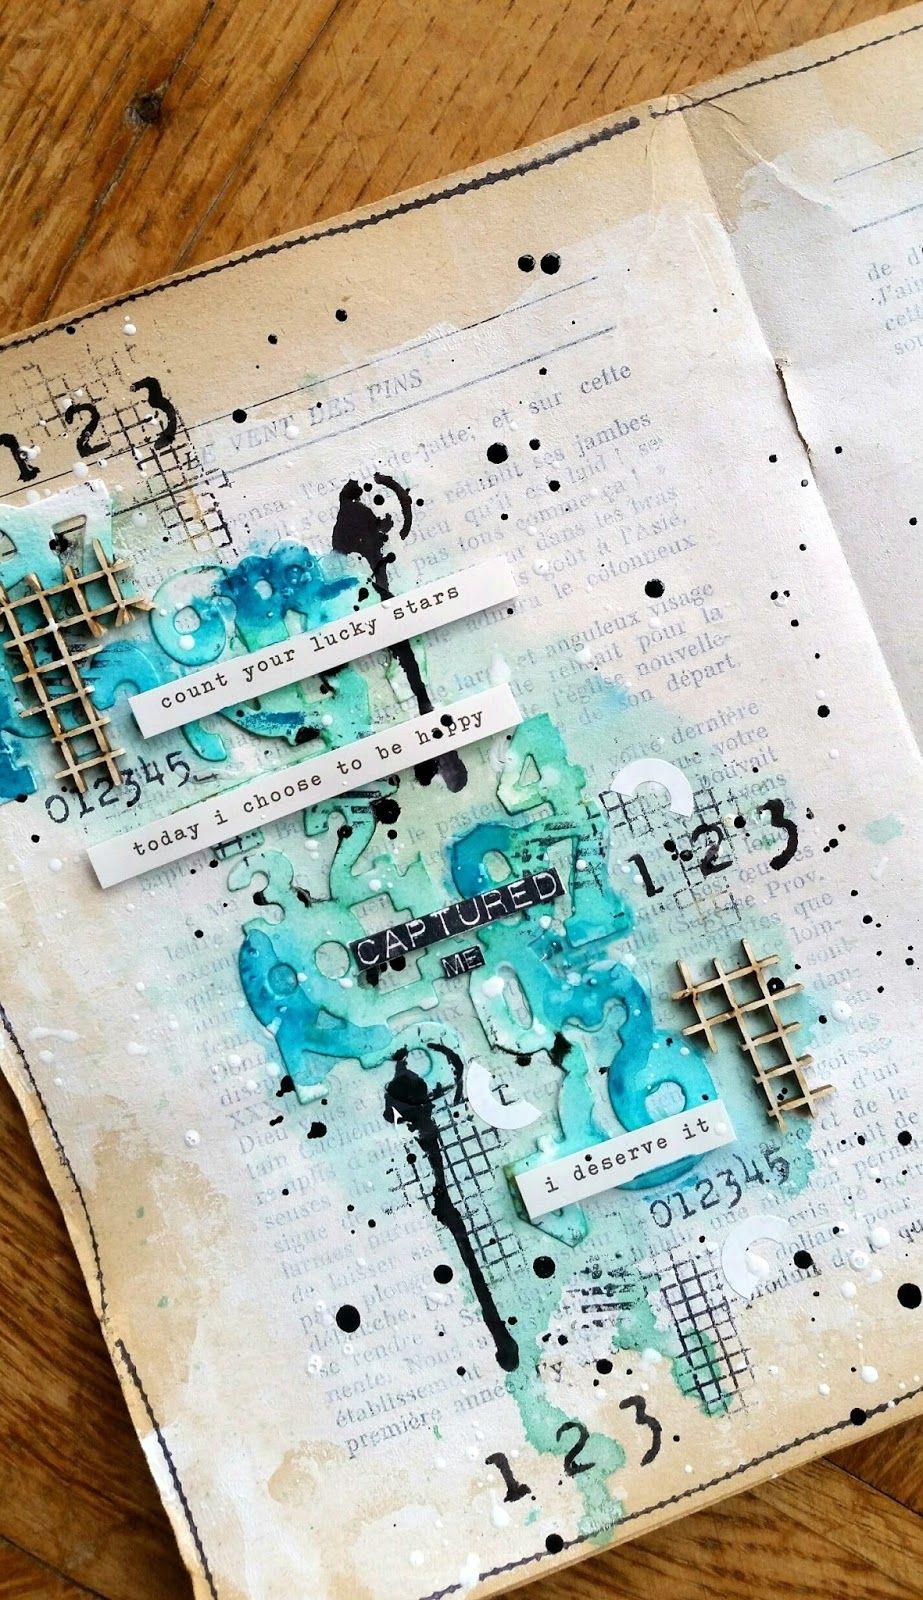 Art journal #artjournalmixedmediainspiration